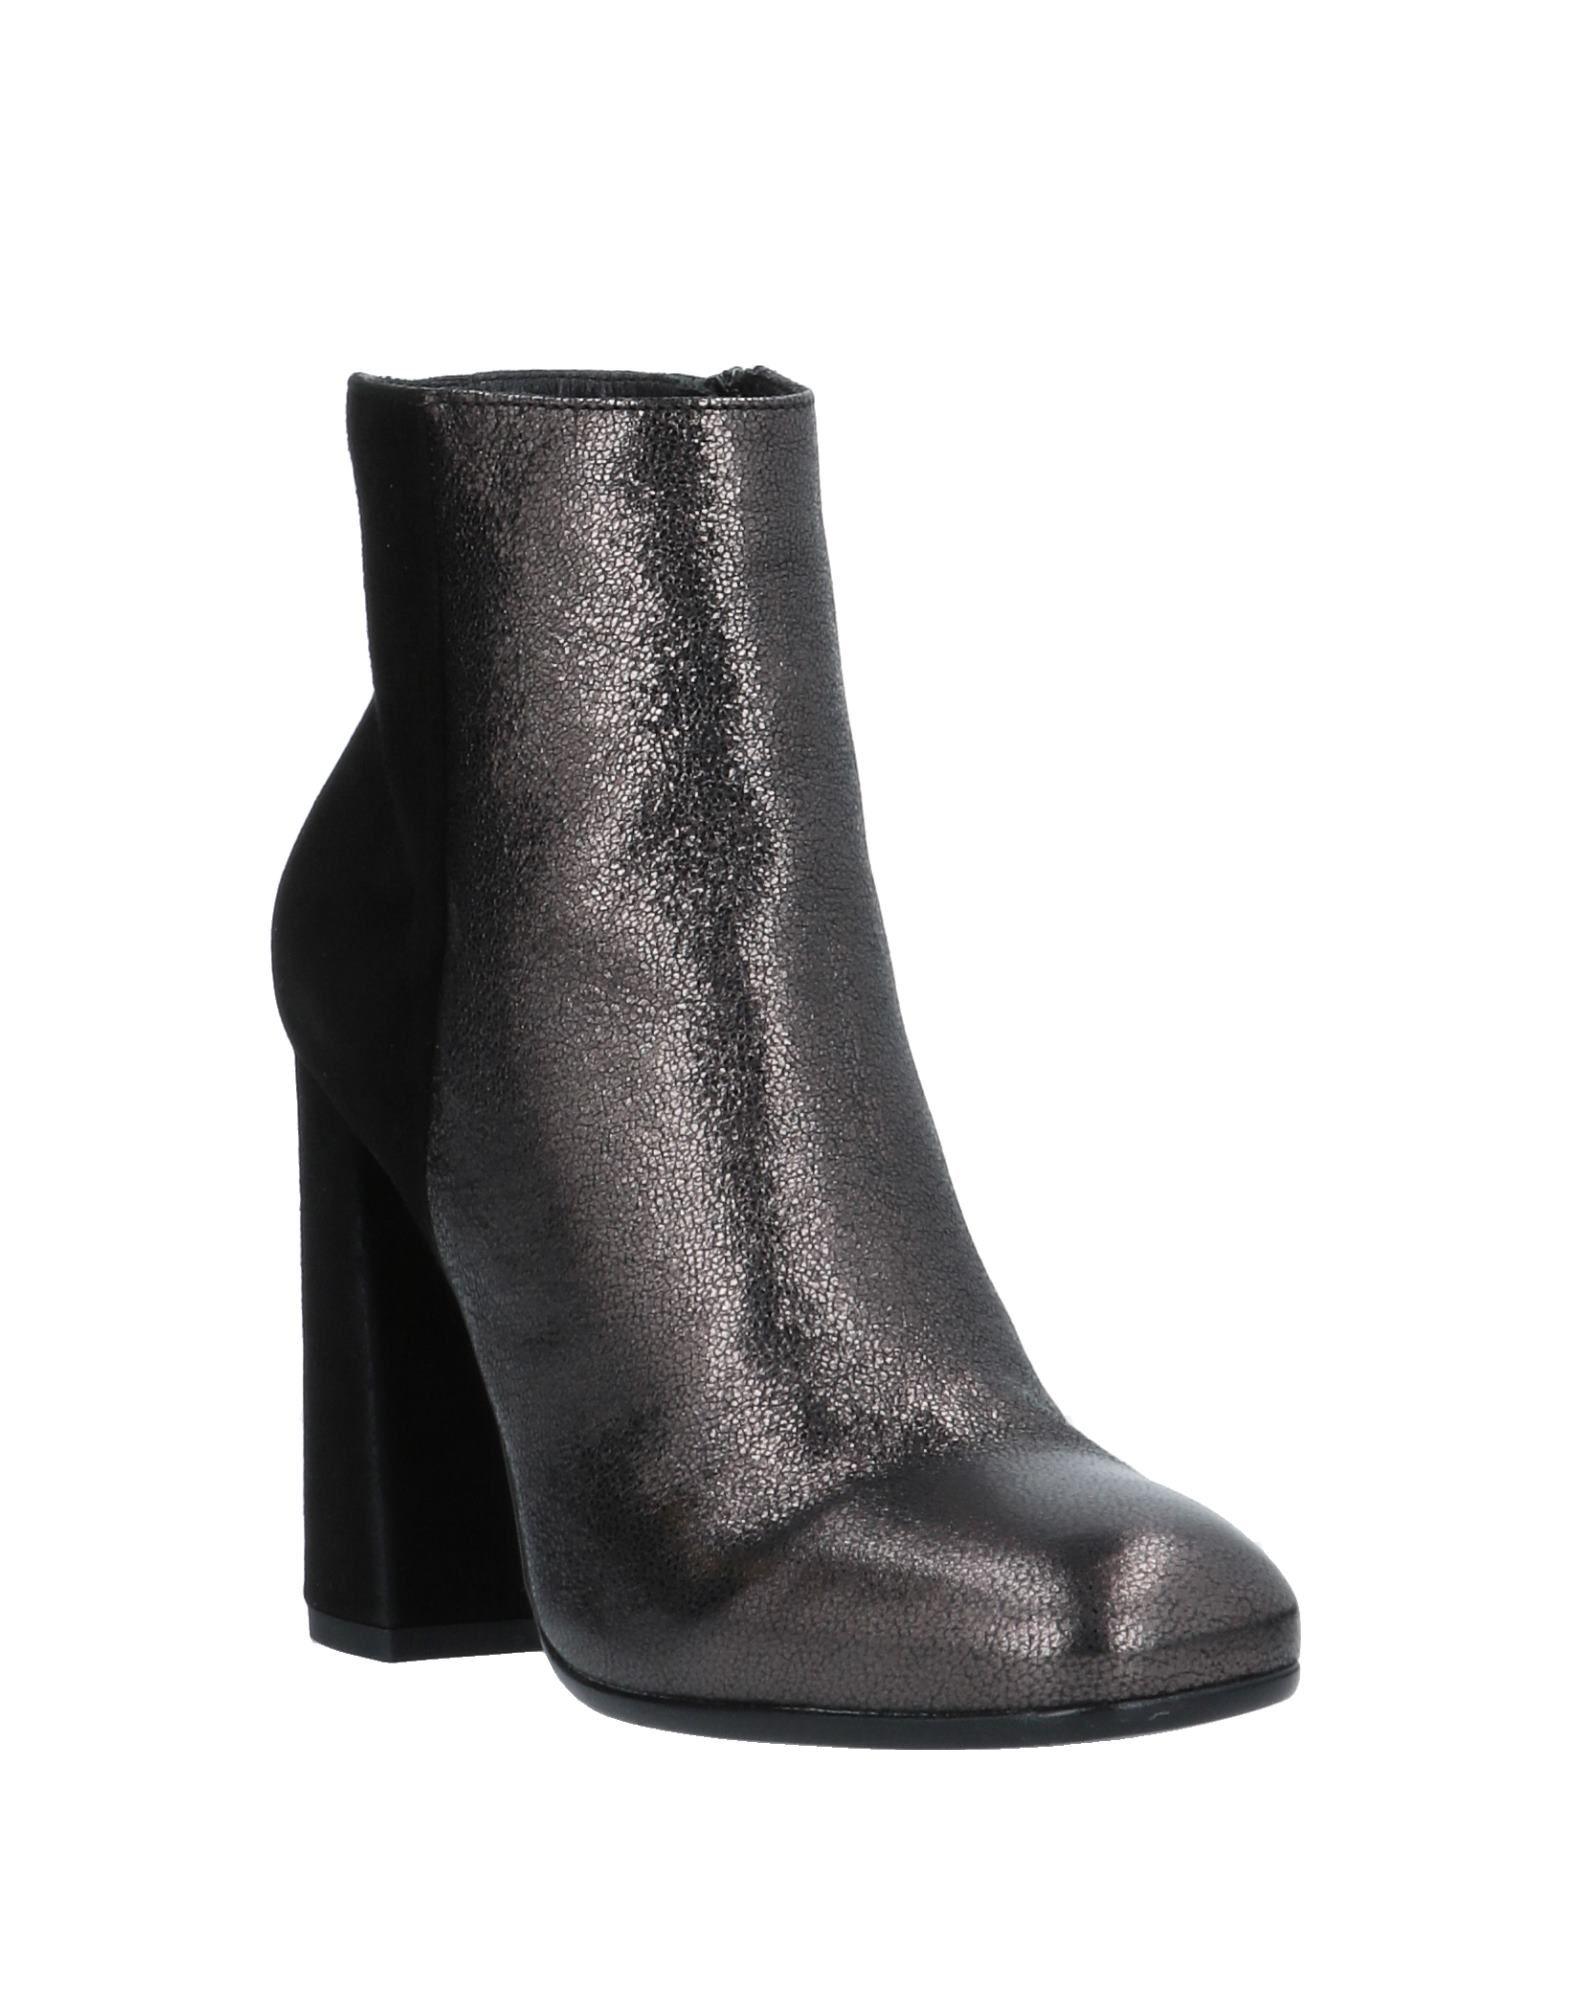 Gut Janet um billige Schuhe zu tragenJanet & Janet Gut Stiefelette Damen  11537491DK b02070